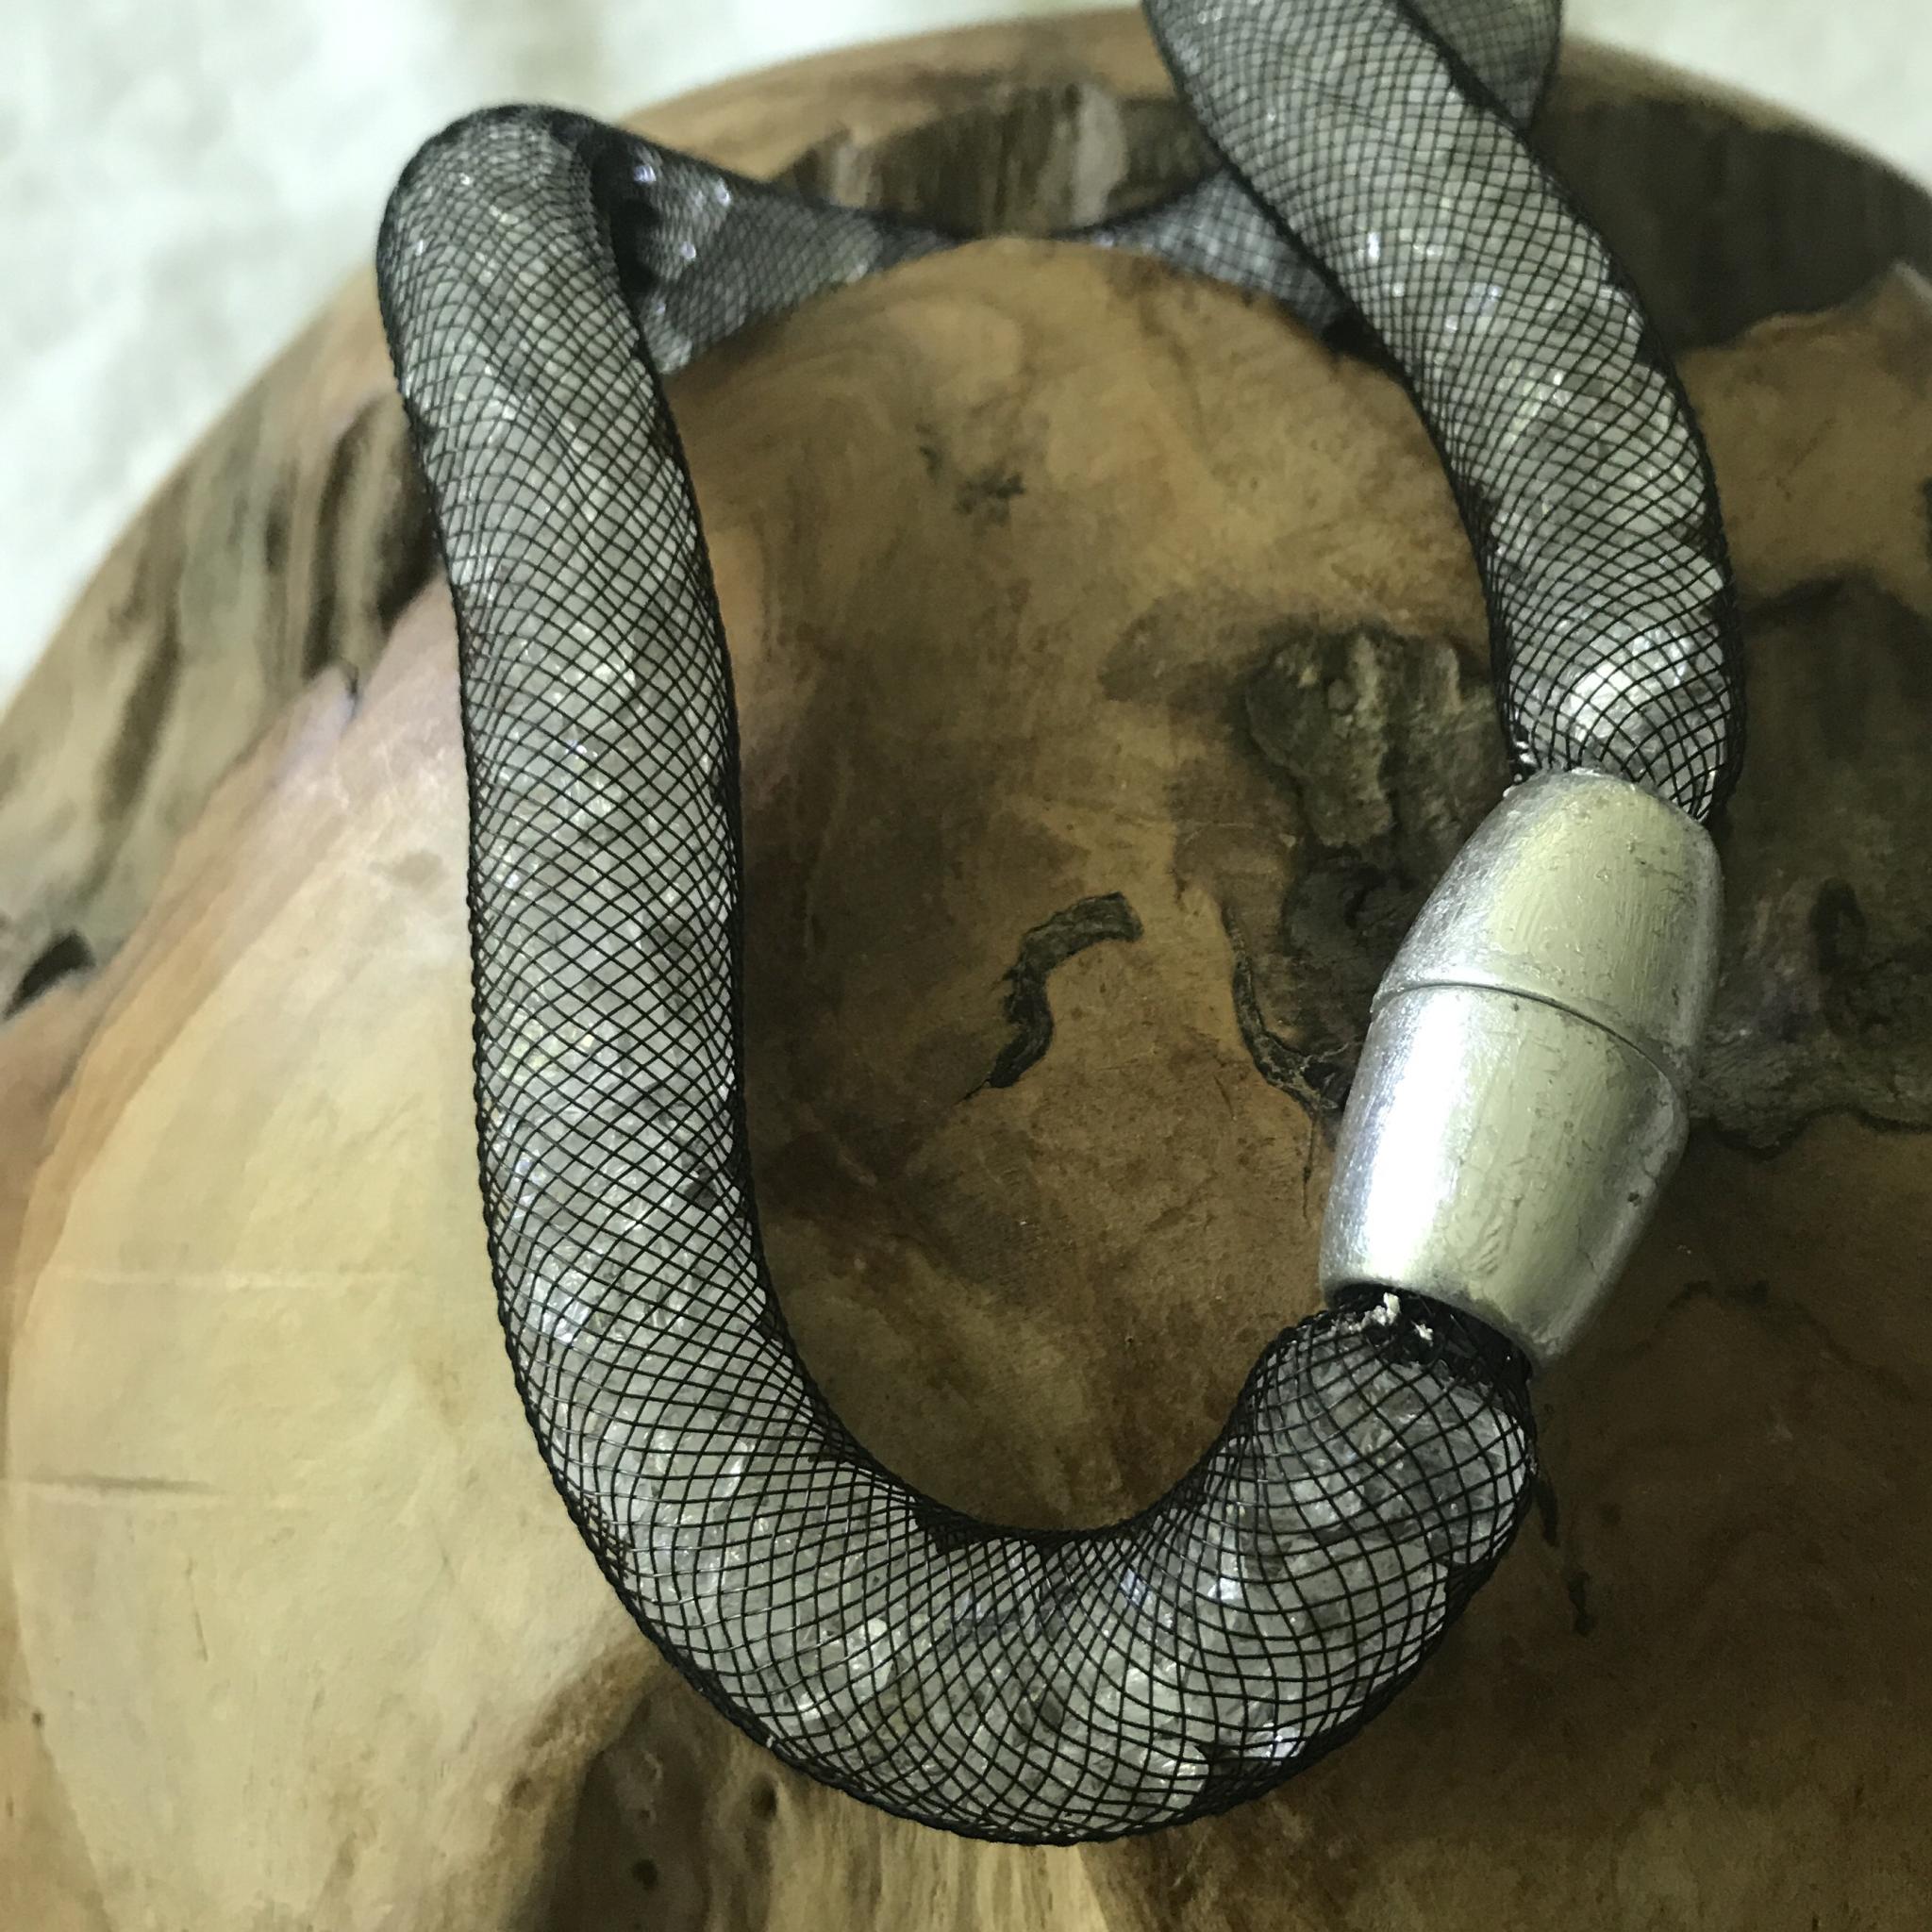 Meshkette schwarz mit weißem Glasbruch und Magnetschließe Schlagmetall silber - 54 cm lang